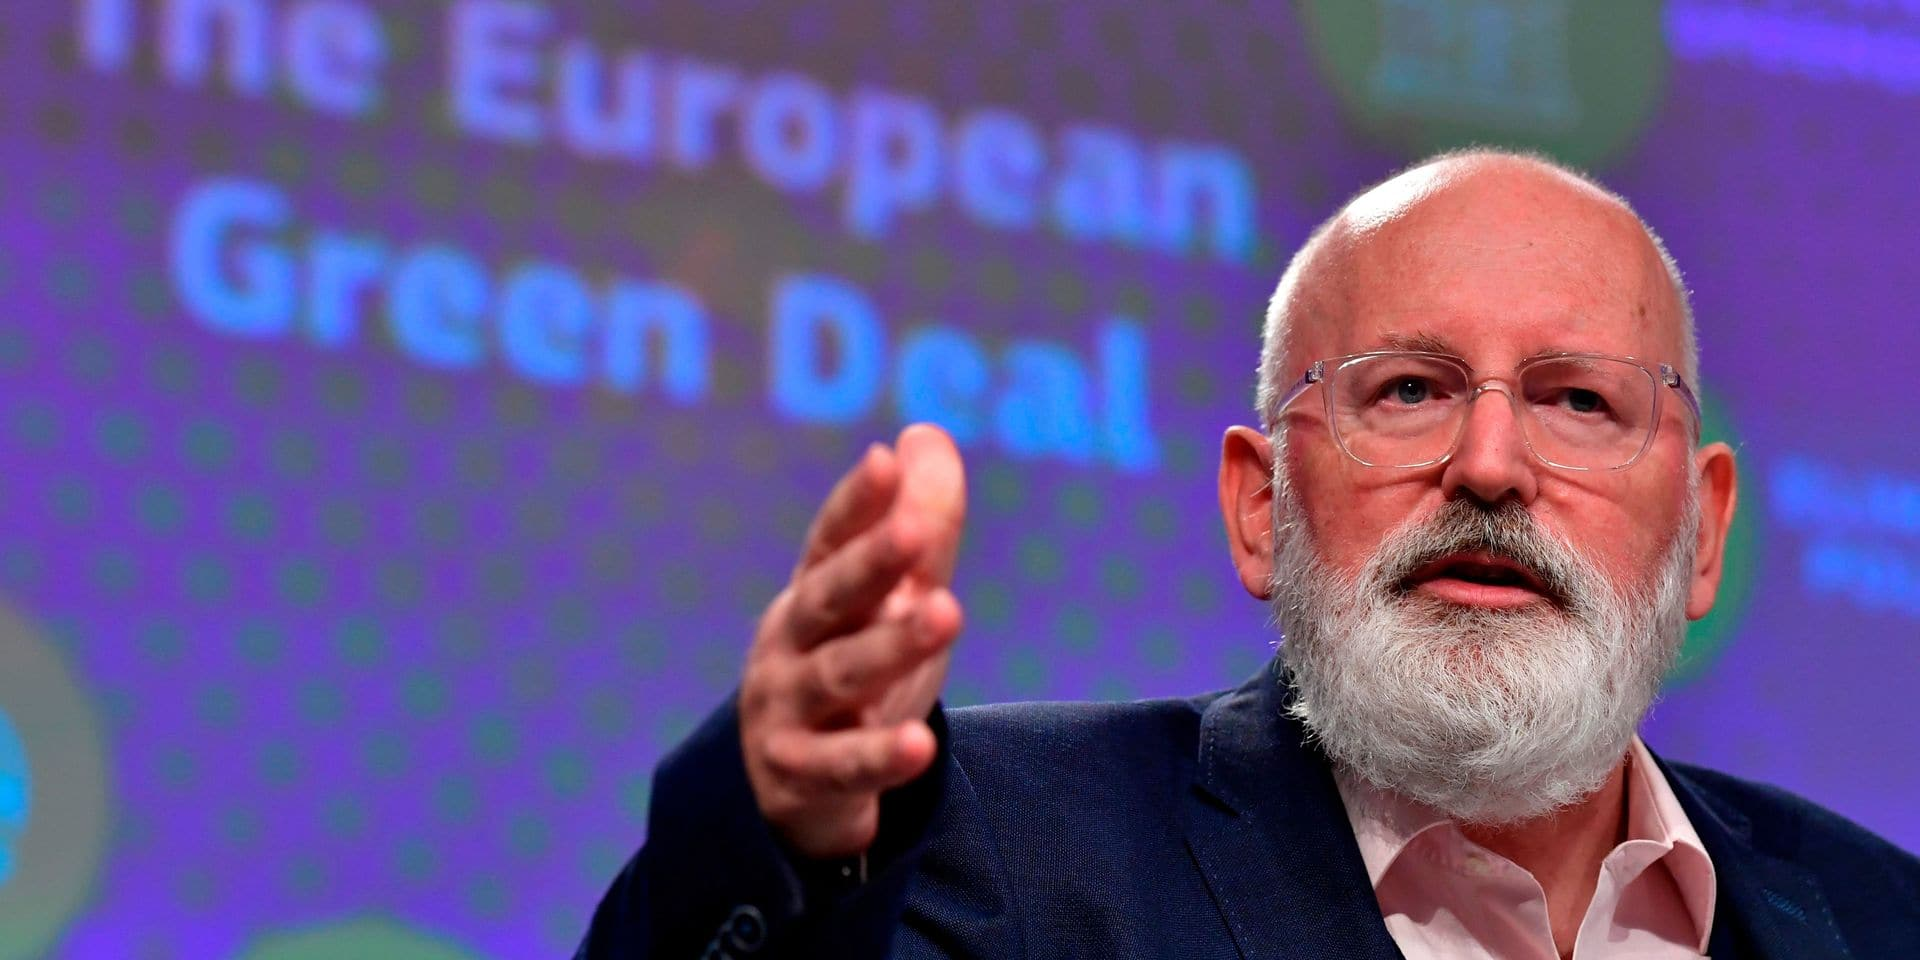 """Pour le vice-président de la Commission, Frans Timmermans, l'Europe ne doit pas se servir des plans de relance post-Covid """"pour essayer de réparer des choses qui n'ont plus d'avenir""""."""